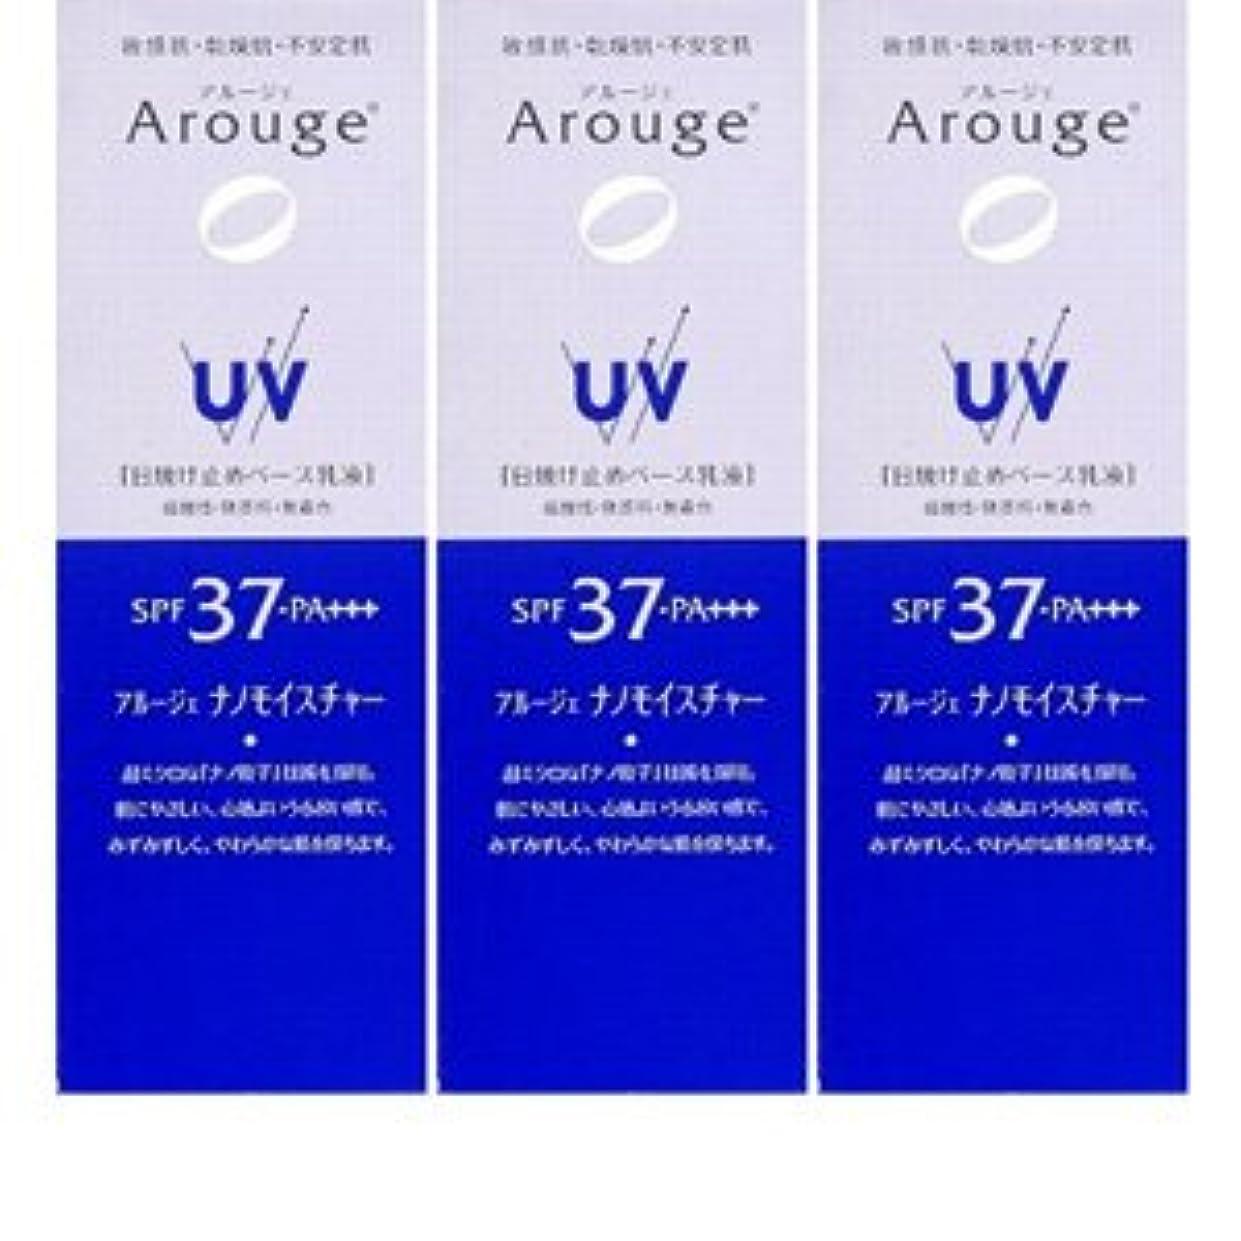 国籍パースブラックボロウアクセサリー【3個】アルージェ UVプロテクトビューティーアップ 25gx3個(4987305952912)